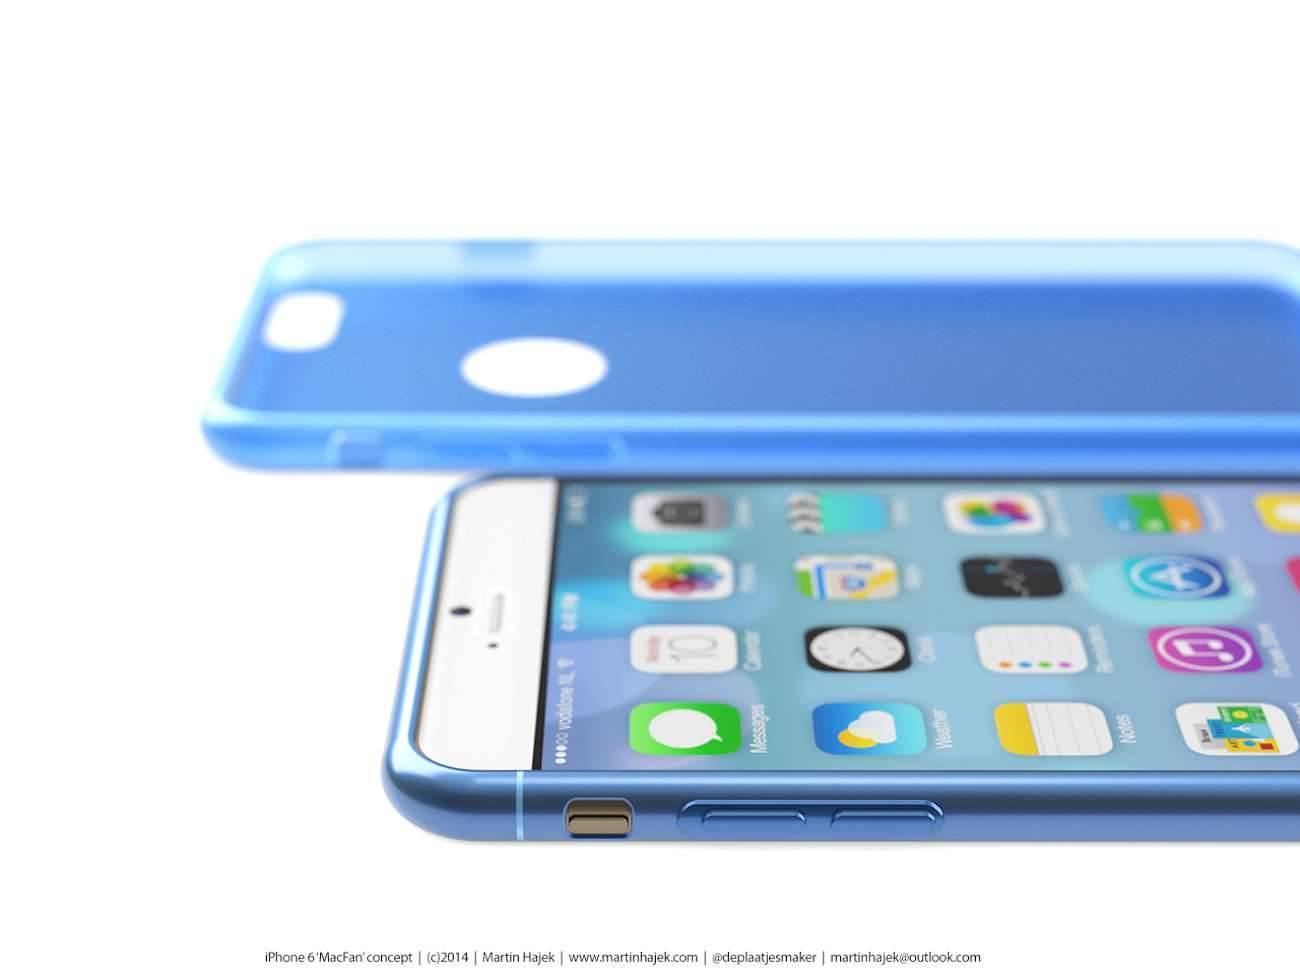 iPhone 6 i bardzo interesujący koncept Martina Hajek'a ciekawostki Zdjęcia iPhone 6, Wizja, Nowy iPhone 6, koncept, jak będzie wyglądał nowy iPhone 6, iPhone6, iPhone Air, iPhone 6, iPhone, Apple  Pamiętacie jak kilka dni temu umieściliśmy na stronie zdjęcia rzekomej obudowy nowego iPhone'a 6? iP66